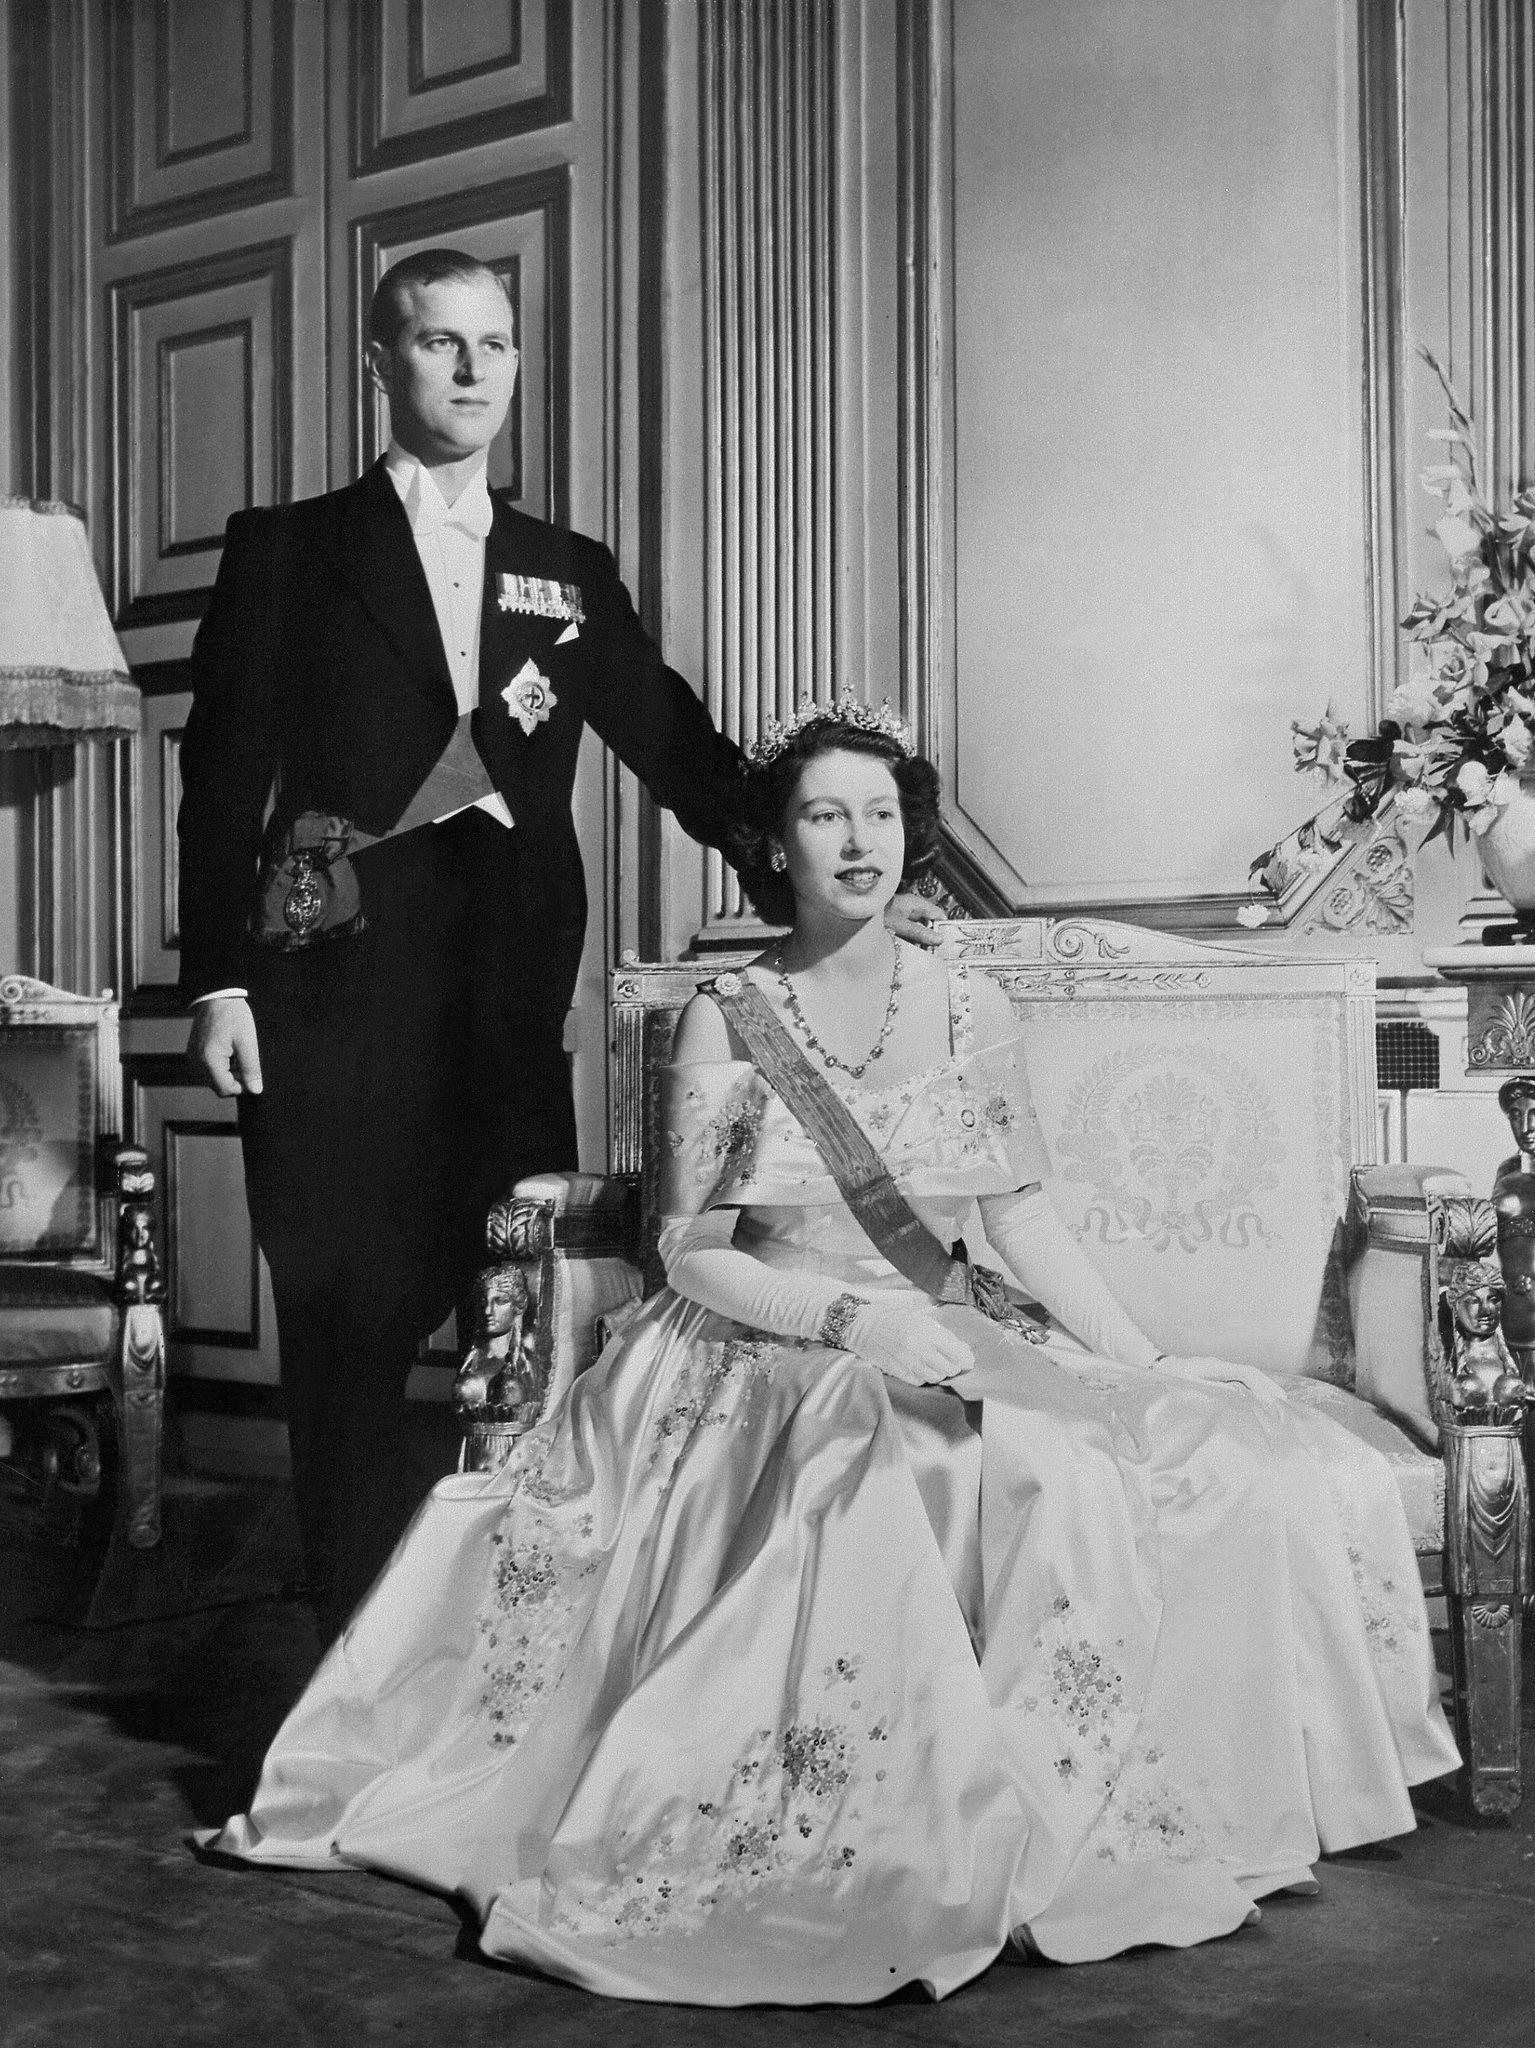 queen elizabeth wedding photos | Queen Elizabeth and Prince PhilipThe Bride: Queen Elizabeth II of ...